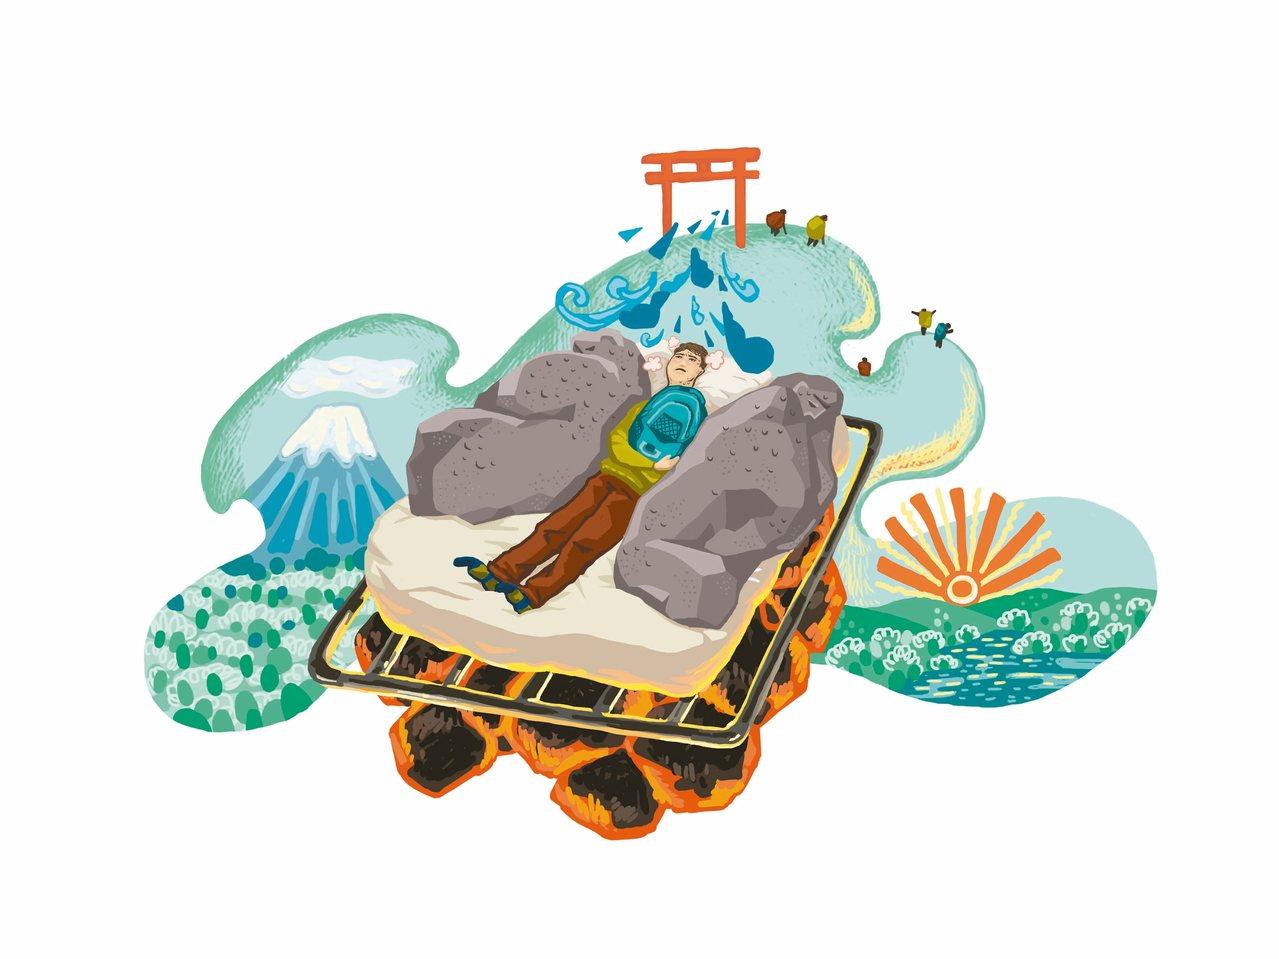 常聽人說:「登過富士山才算日本人。」而我本來就很喜歡日本文化,也常去日本玩,那次...